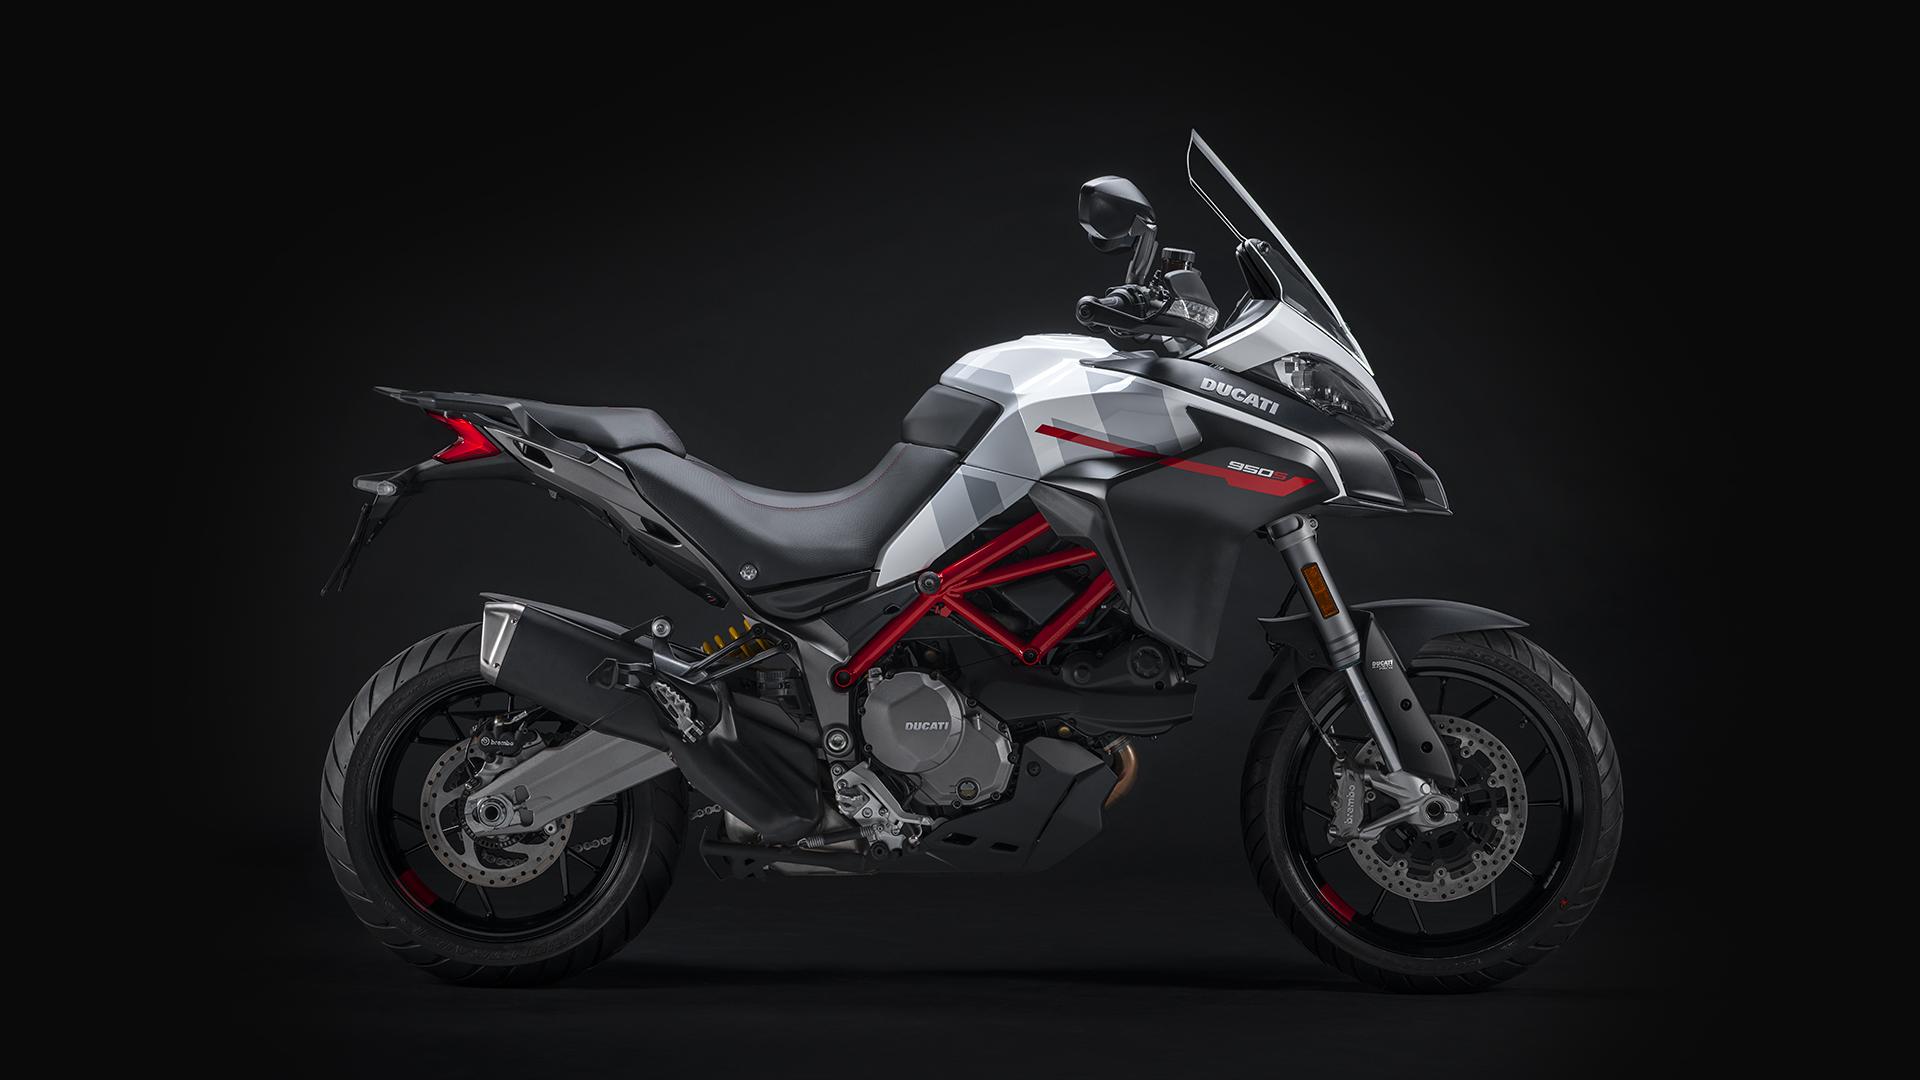 2021 Ducati Multistrada 950 S